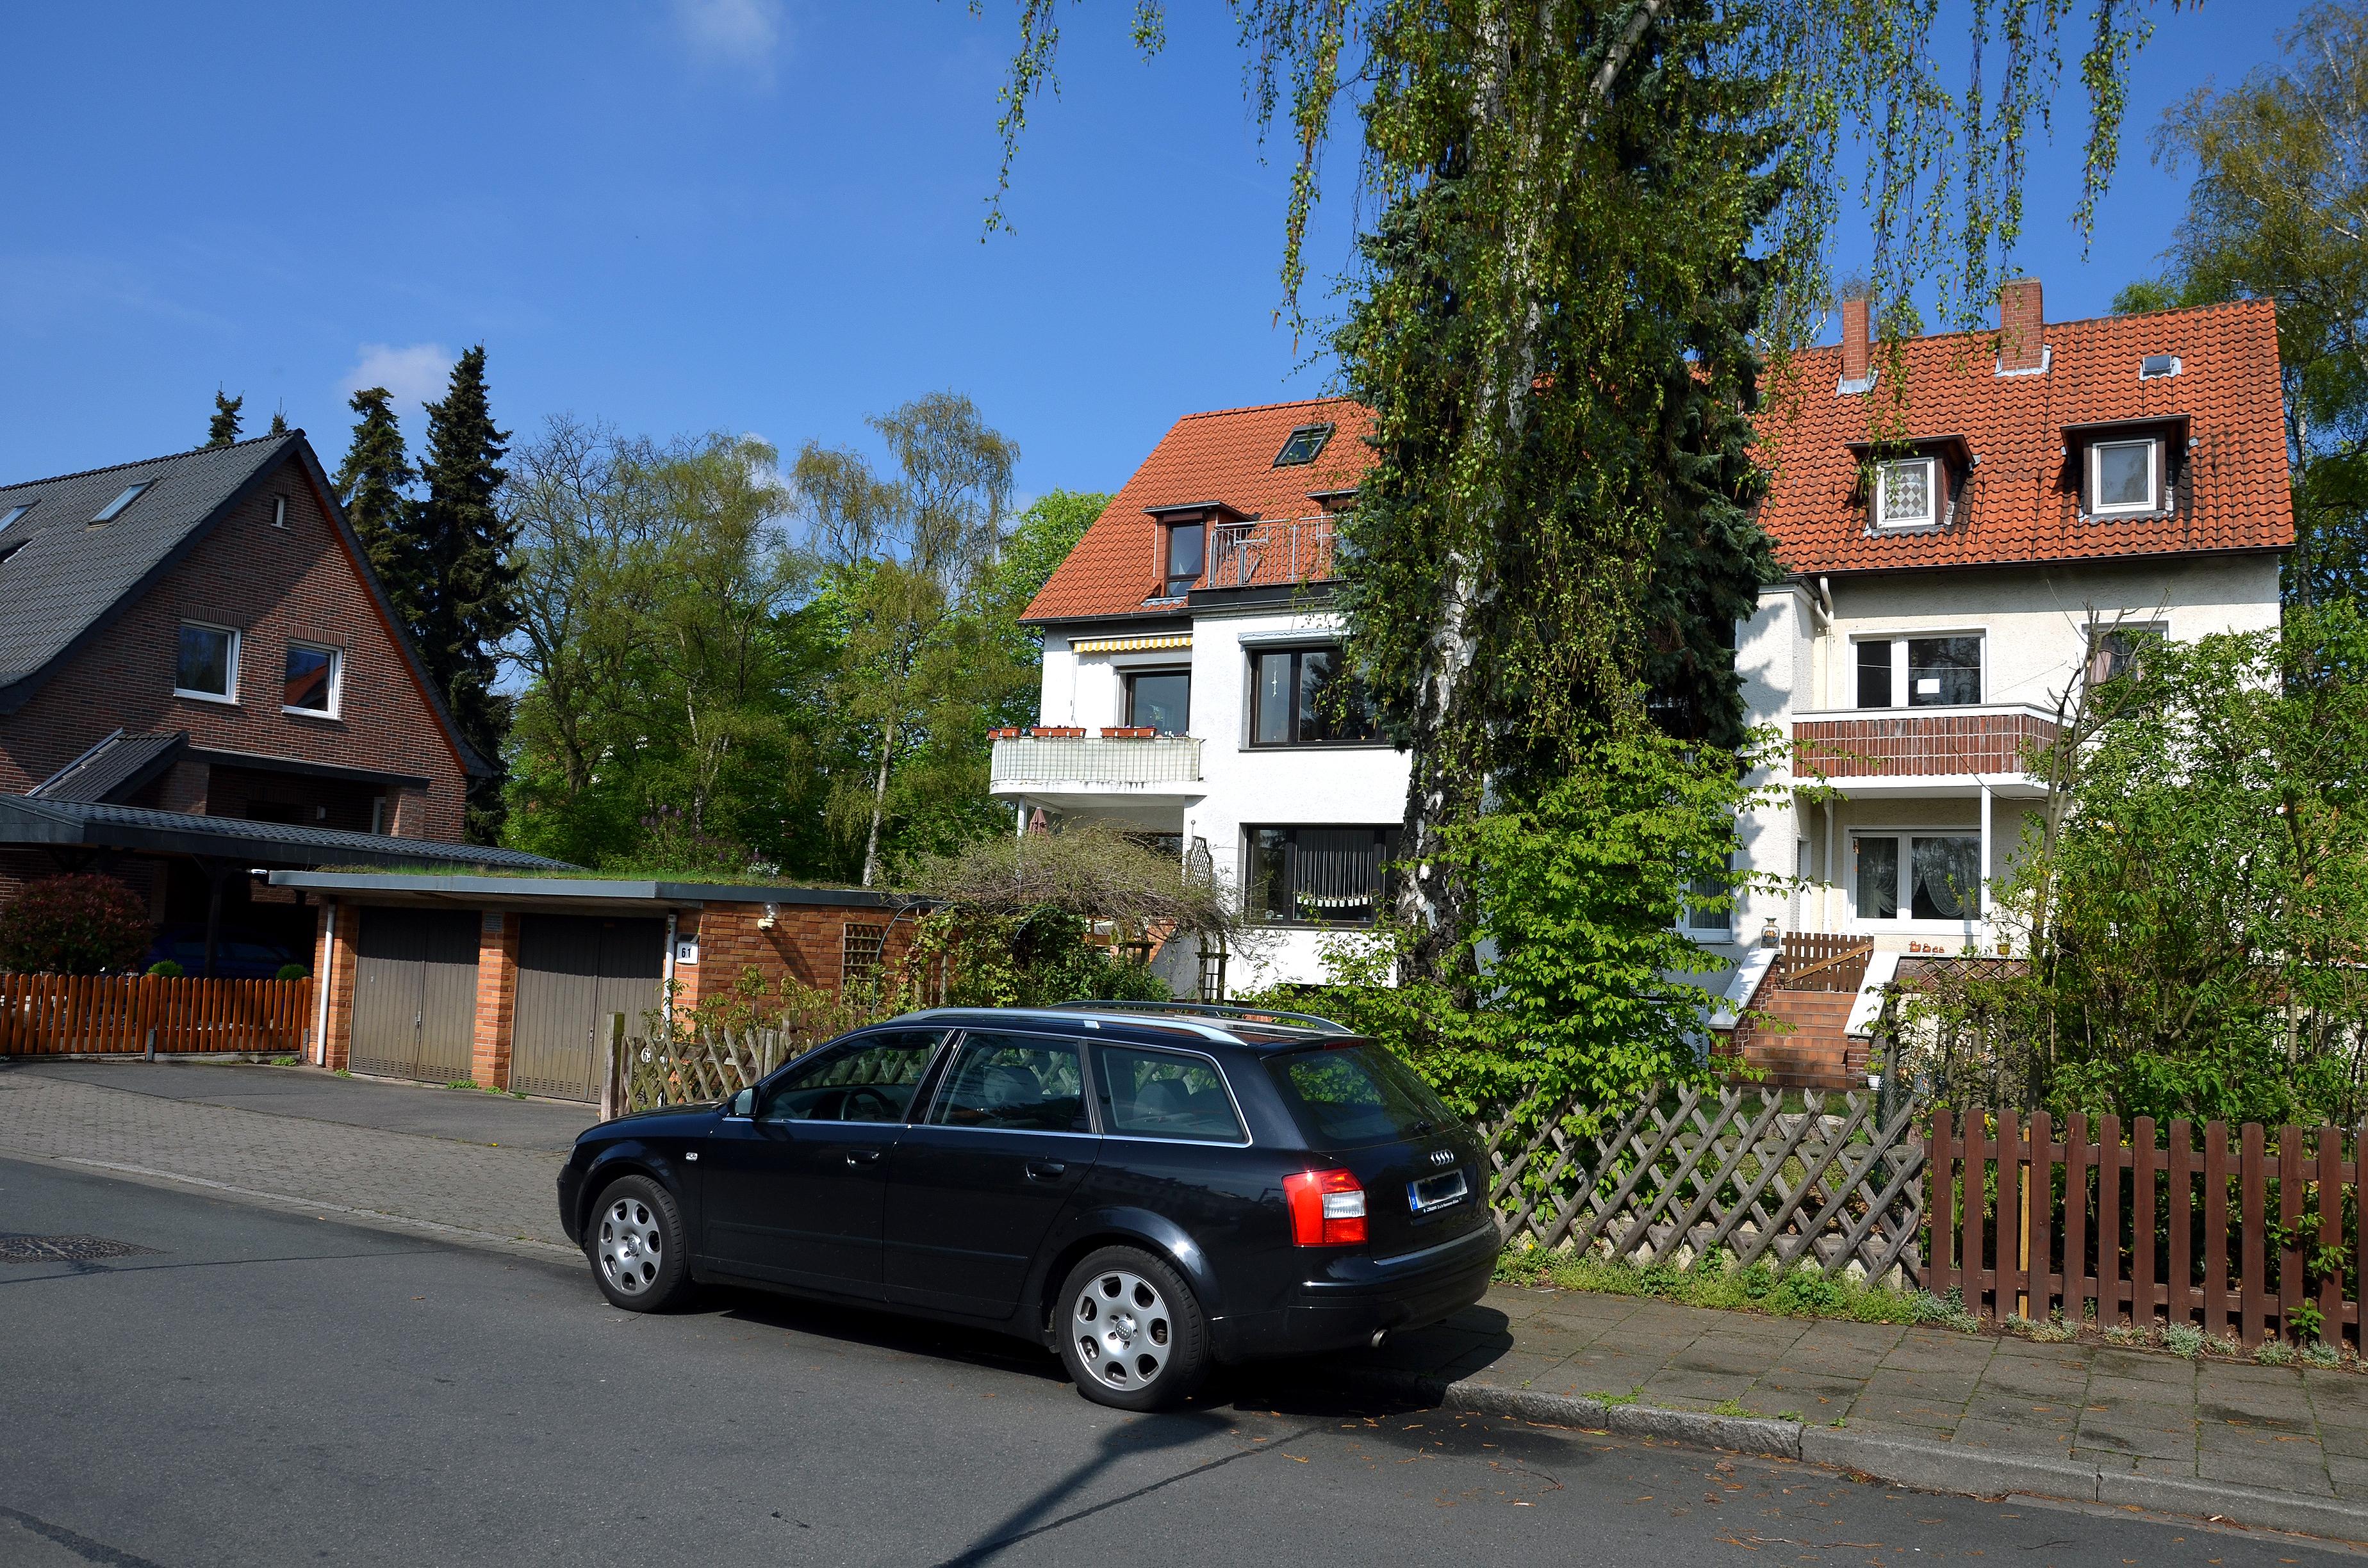 Fileburgdorfer Damm 63 In Hannover Der Balkon Ganz Rechts